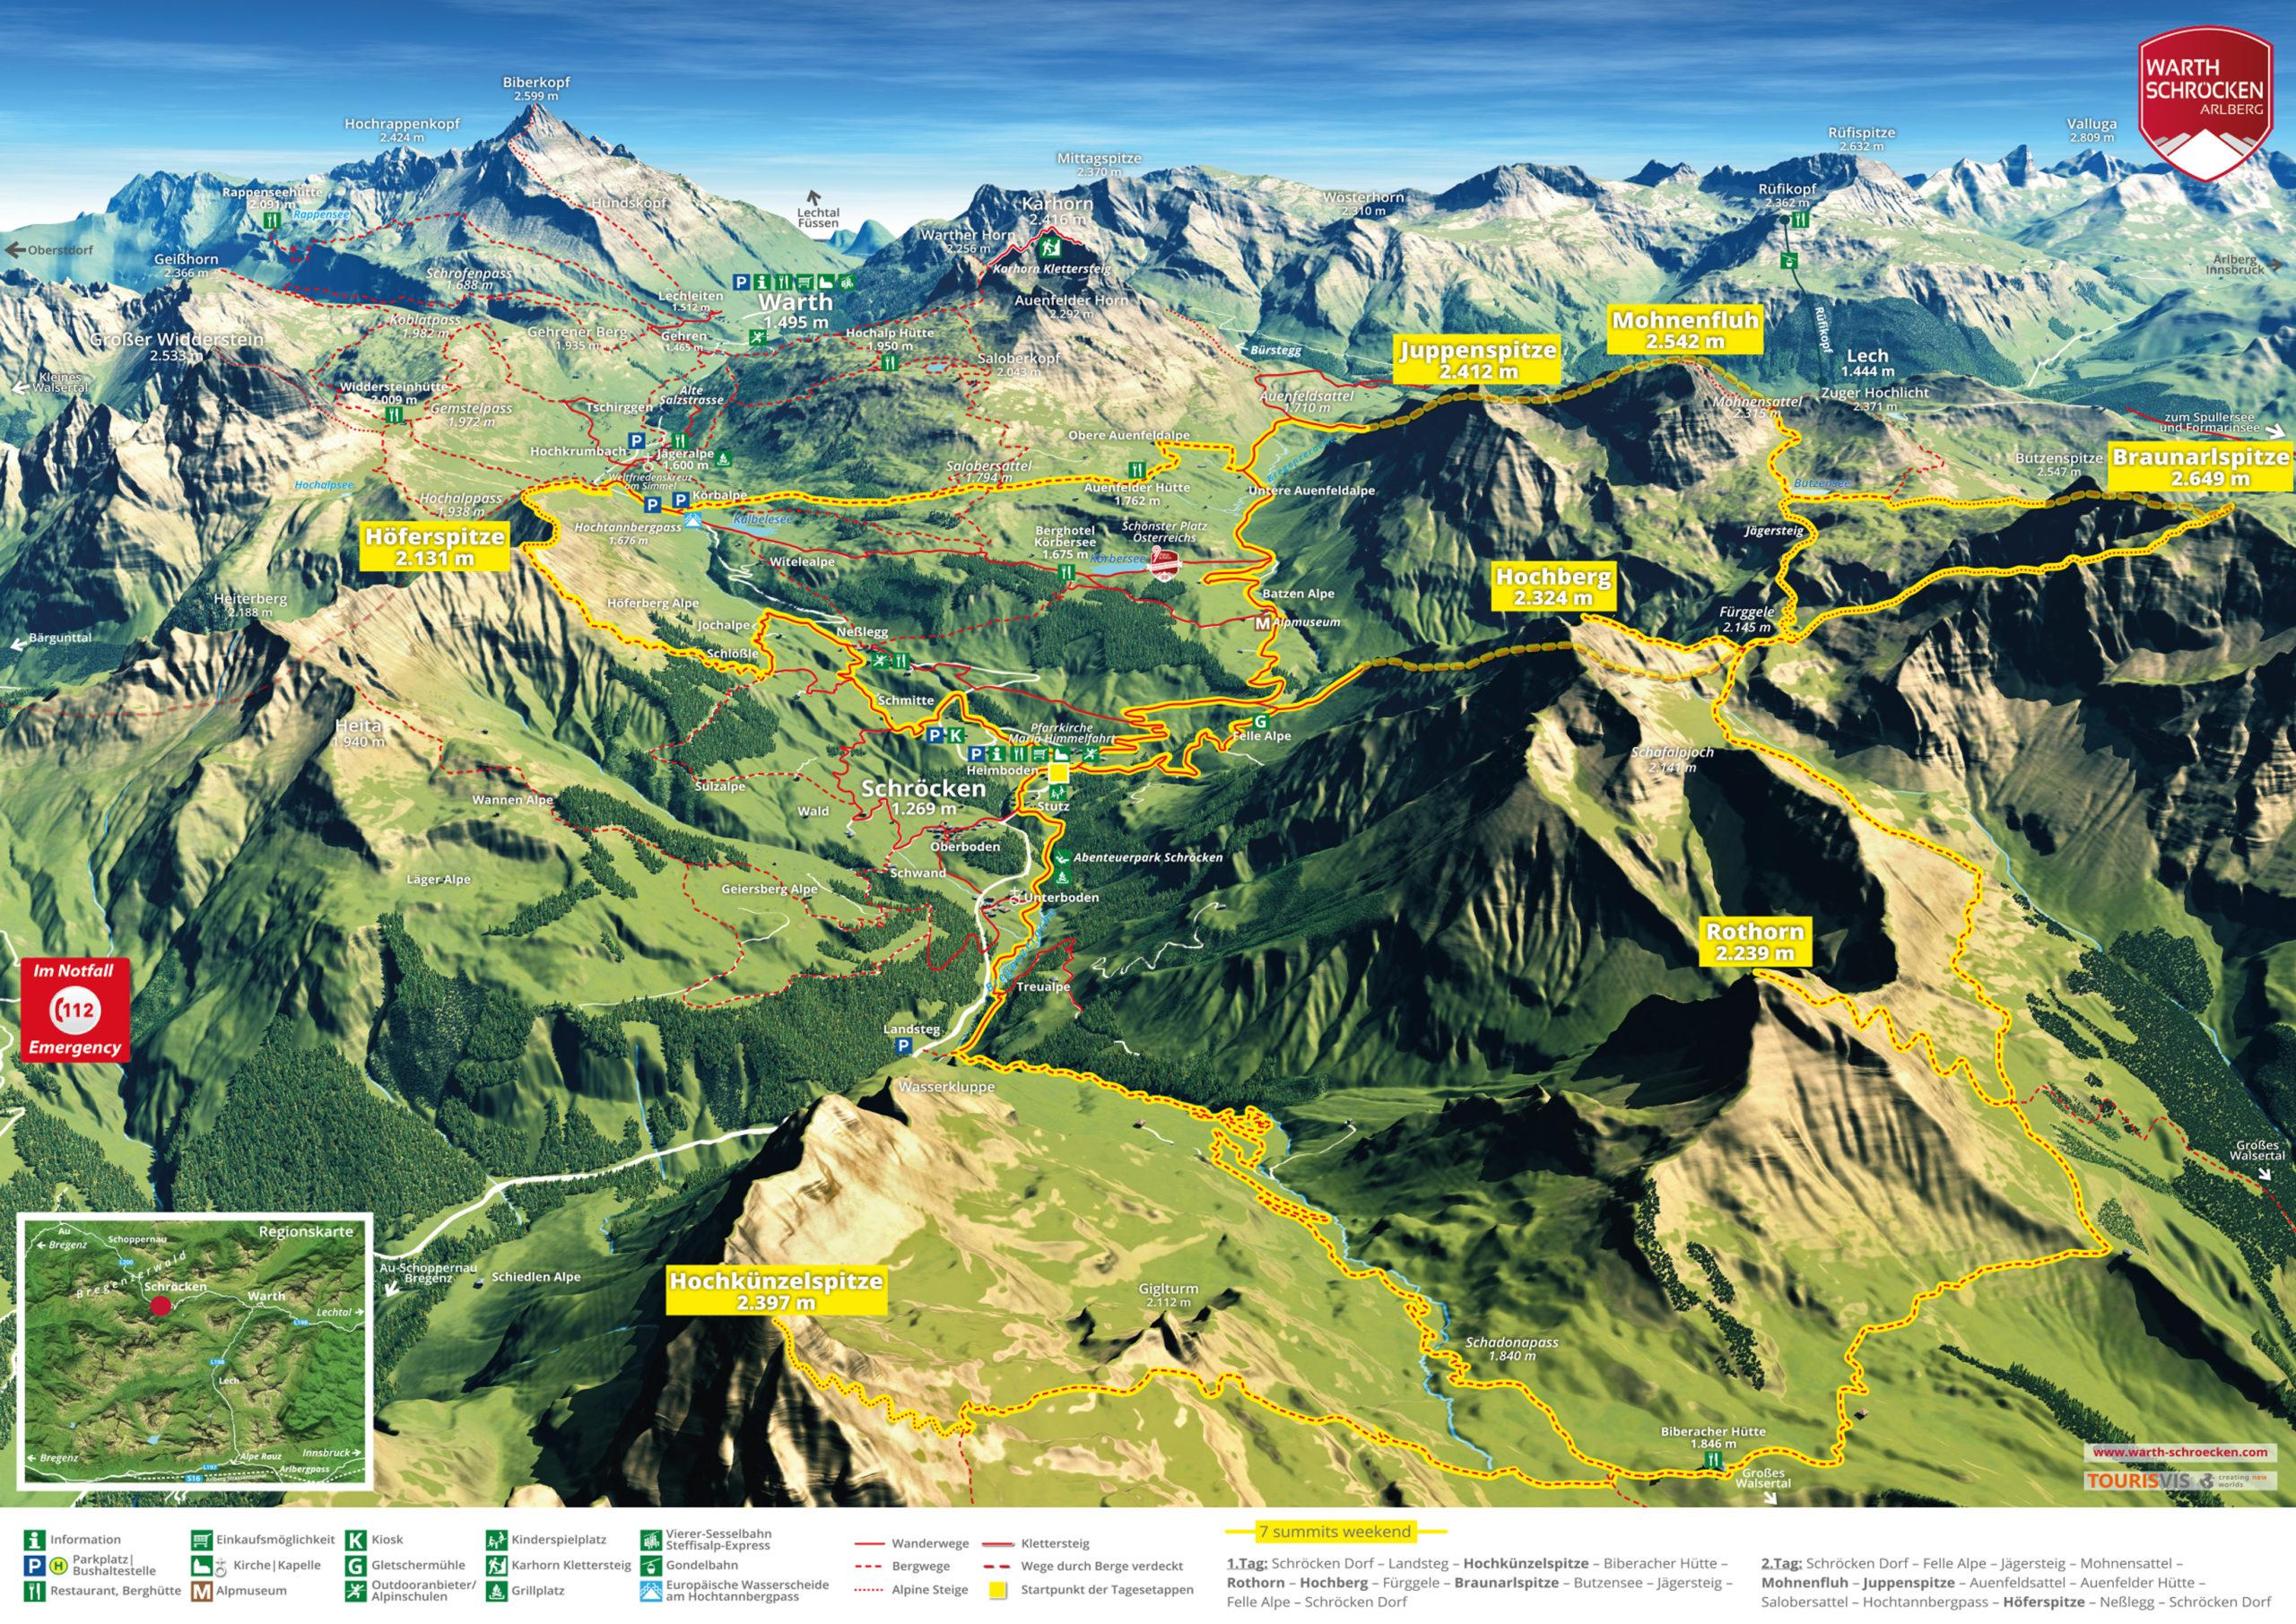 3D Panoramakarte Wandern Warth Schroecken Seven summits weekend